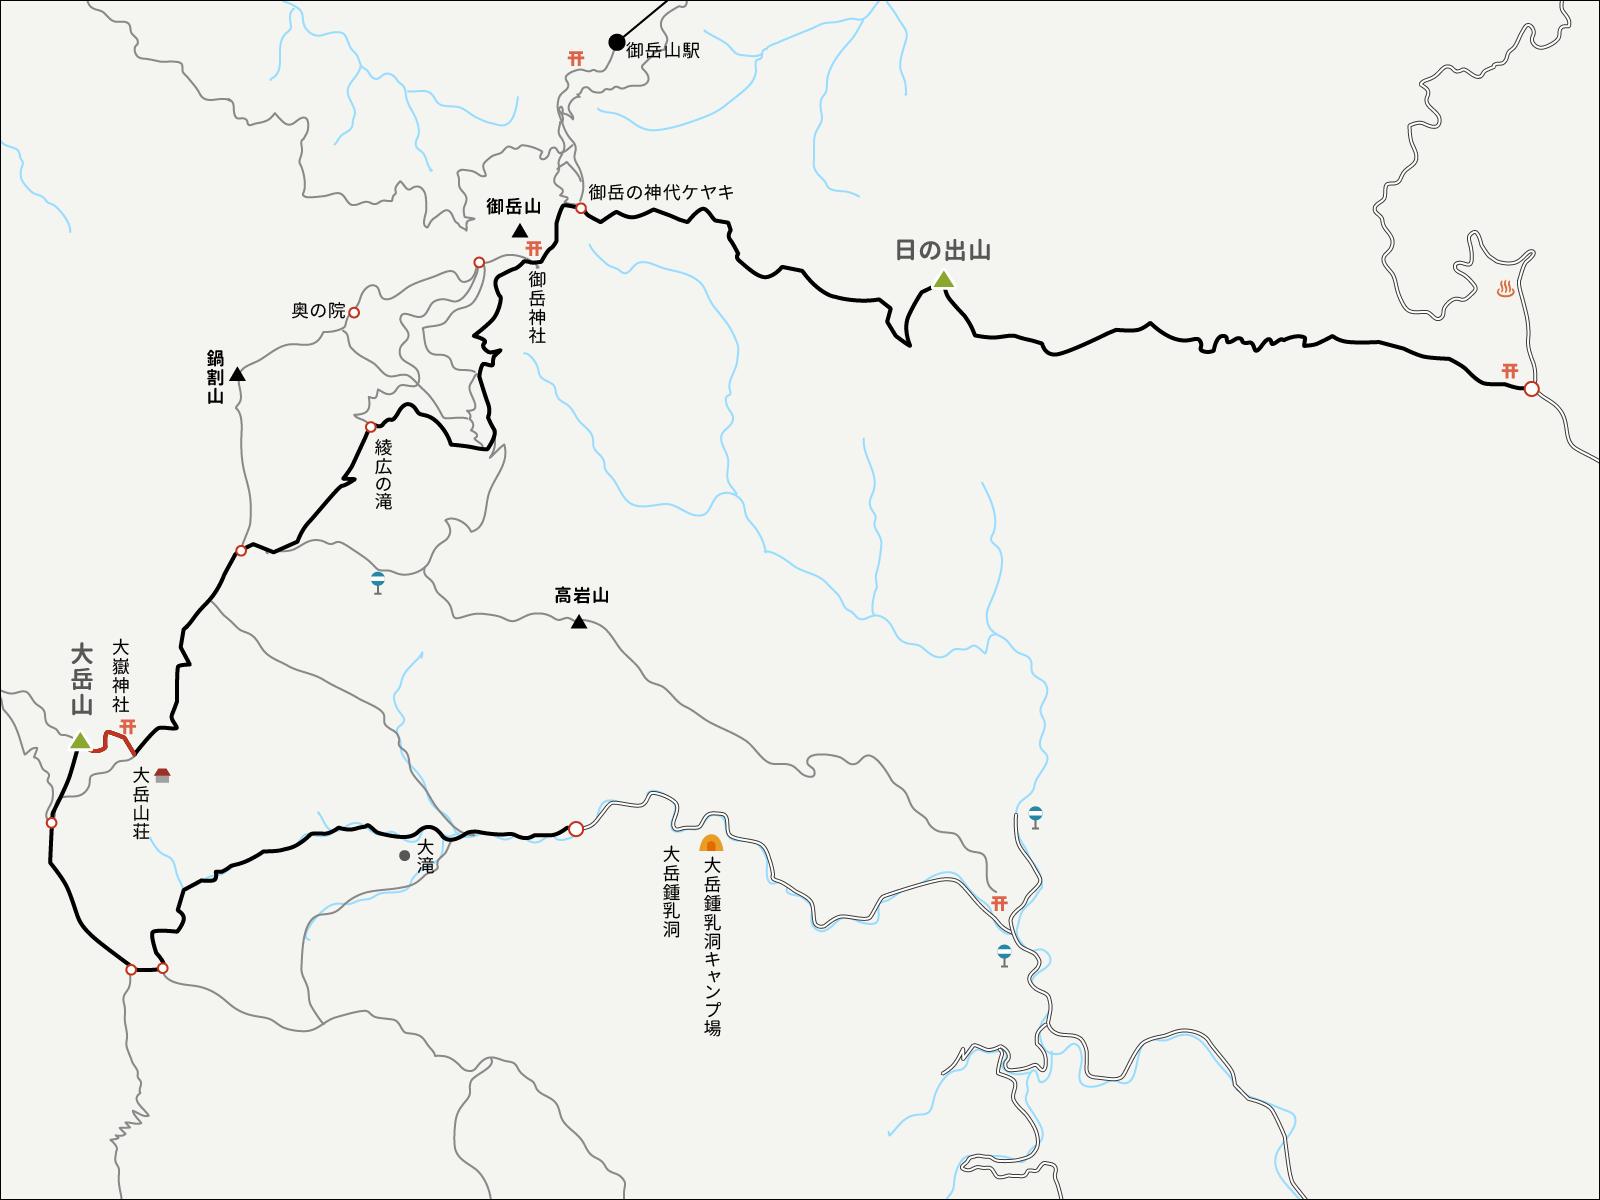 大岳山山頂から大岳山荘までのイラストマップ